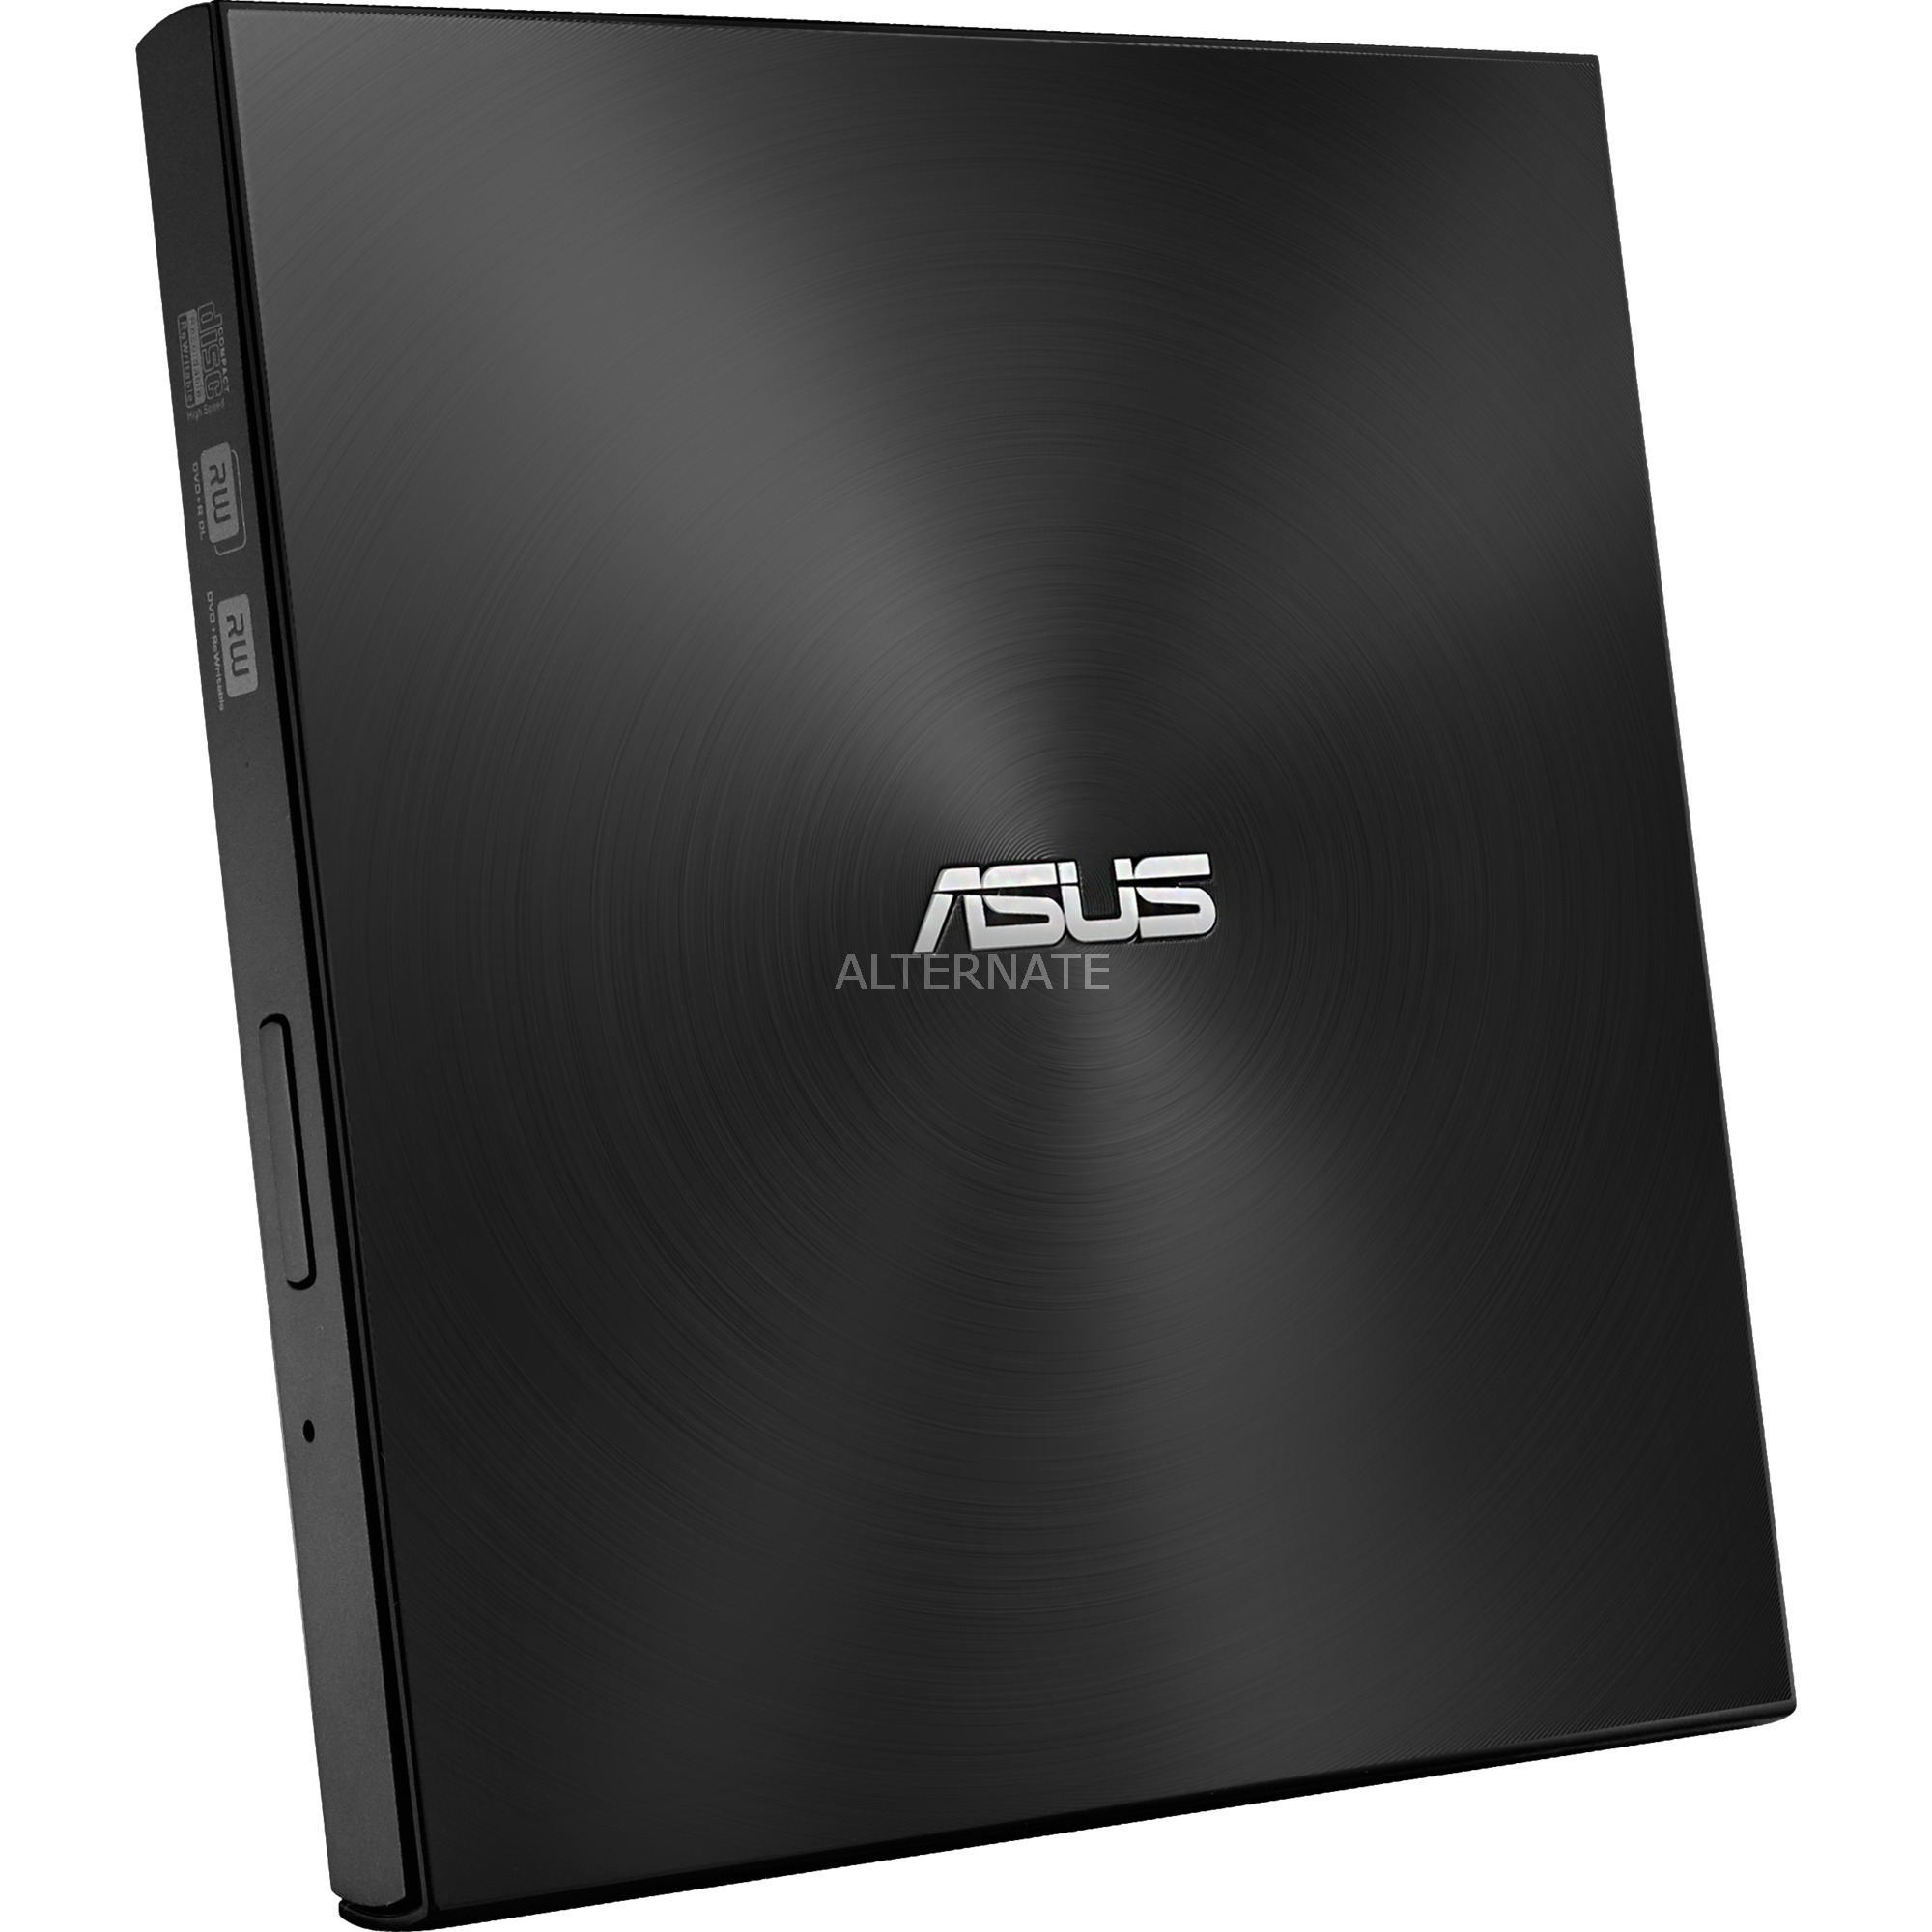 SDRW-08U7M-U DVD±RW Noir lecteur de disques optiques, graveur de DVD externe